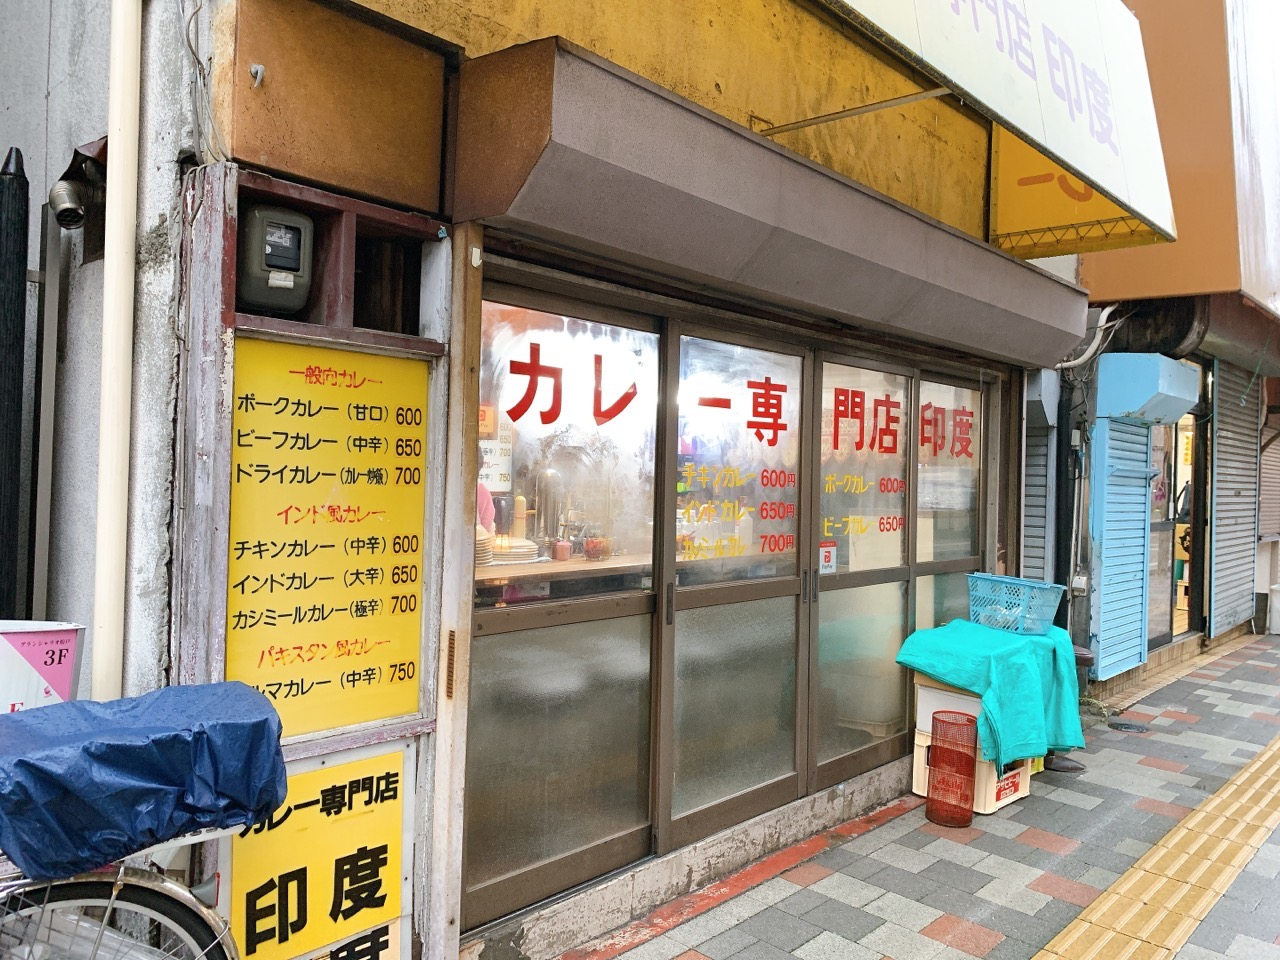 まとめ:【松戸】カレー専門店 印度は意外と居心地の良い日本人向けのカレー屋さんだった